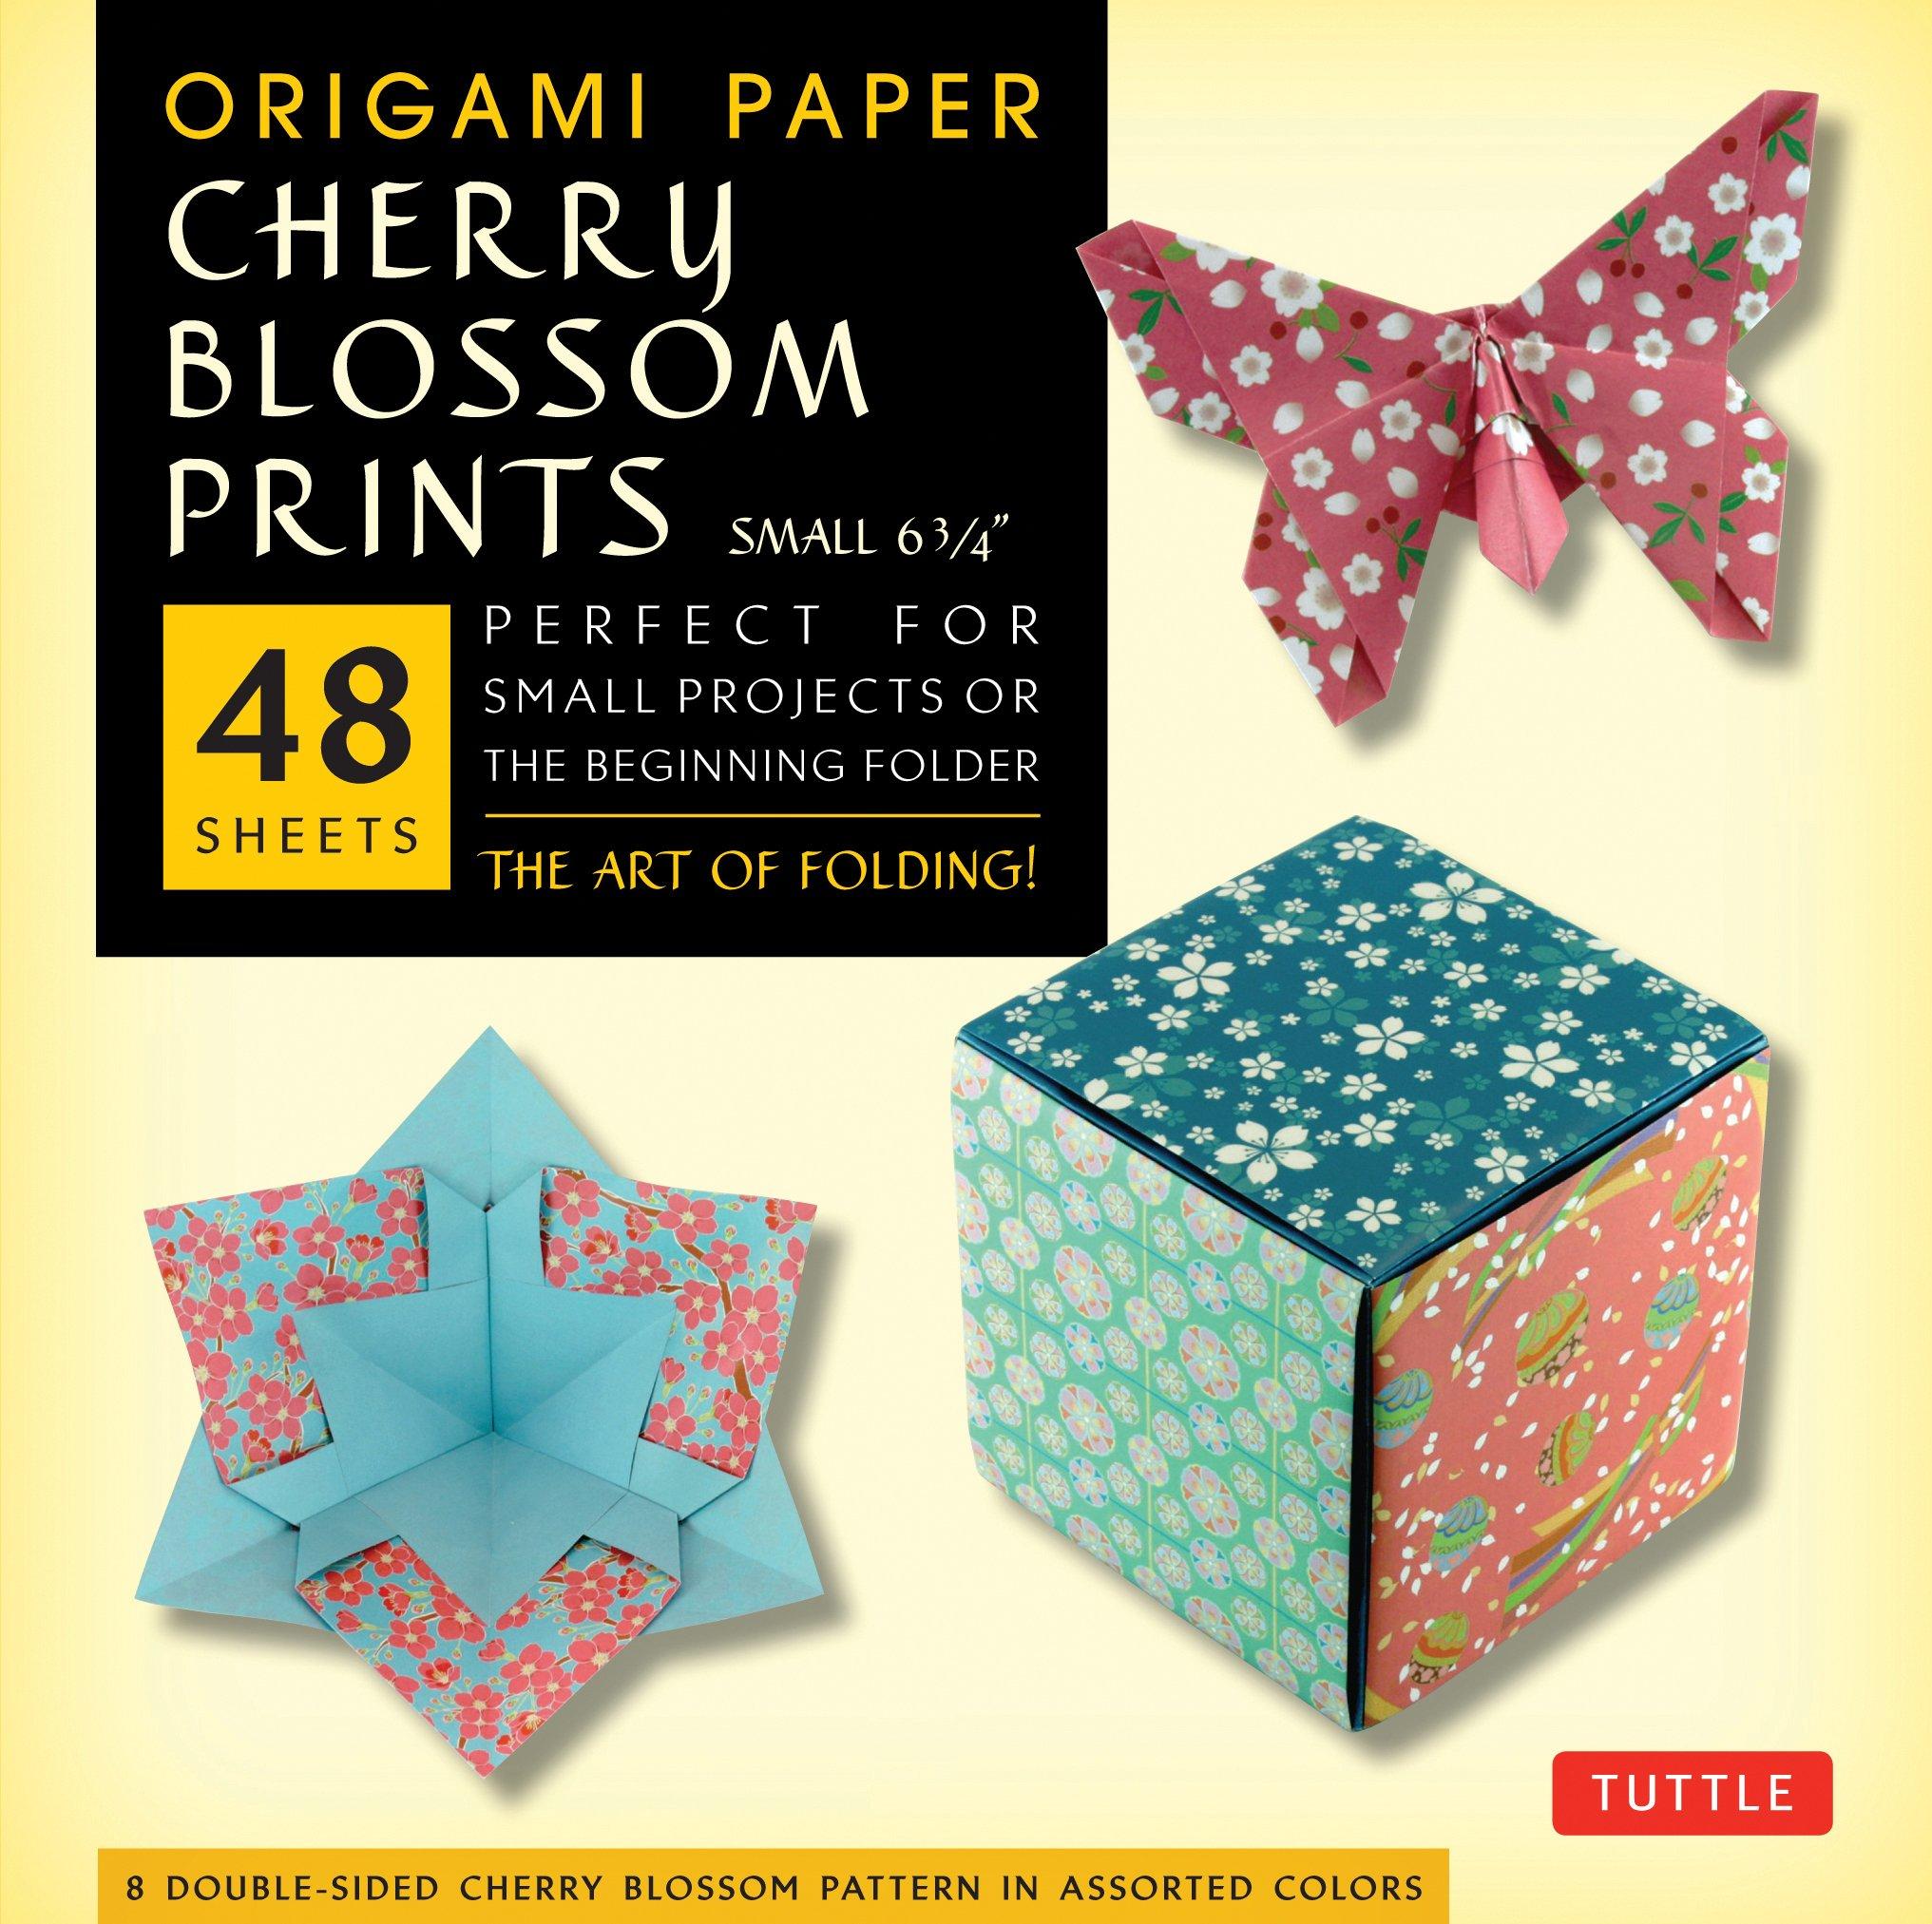 Amazon Com Origami Paper Cherry Blossom Prints Small 6 3 4 48